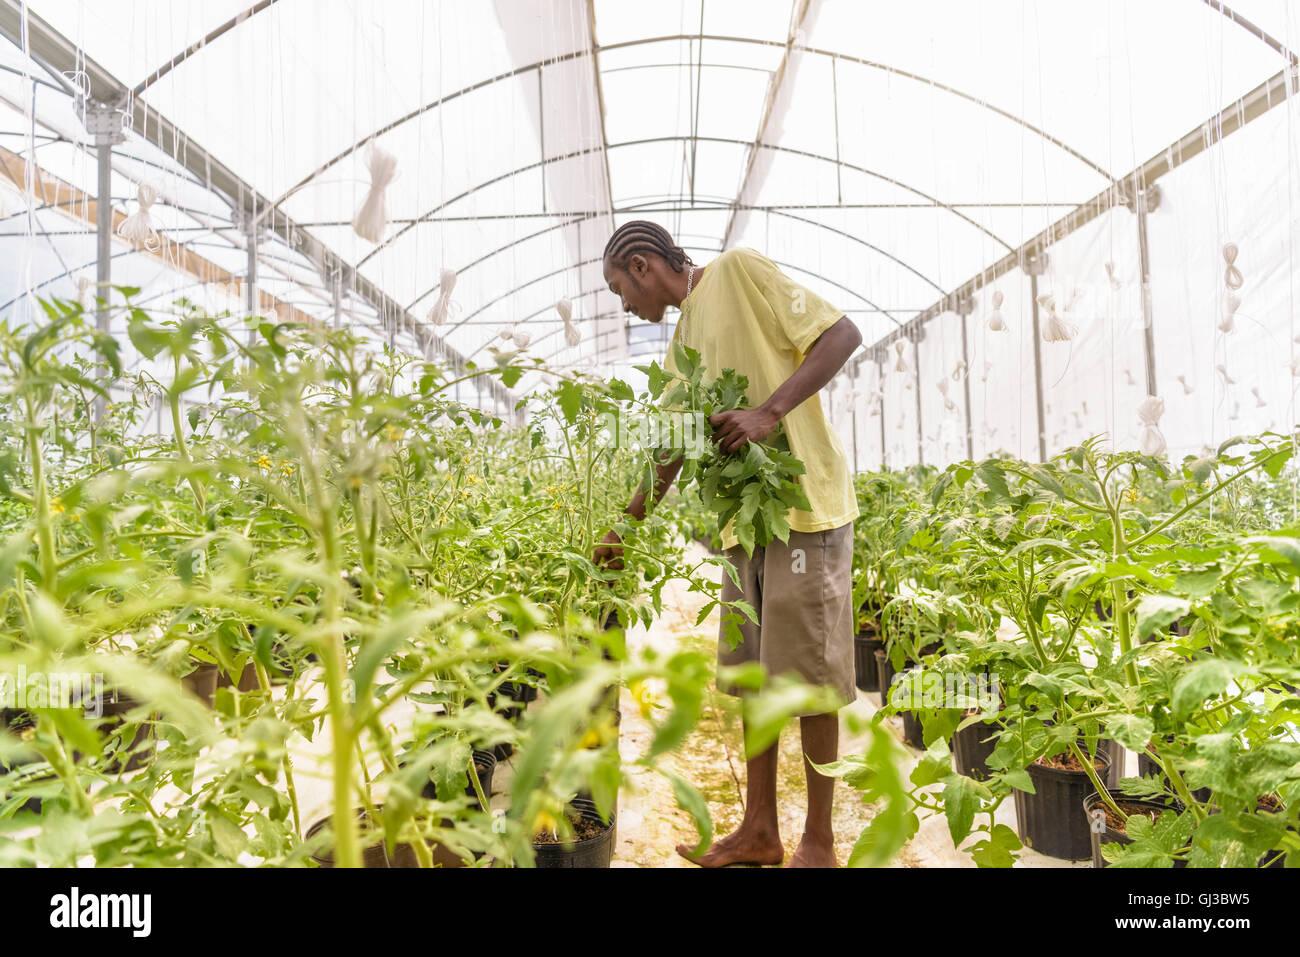 Lavoratore la rimozione di piante di pomodoro germogli laterali in fattoria idroponica in Nevis, West Indies Immagini Stock